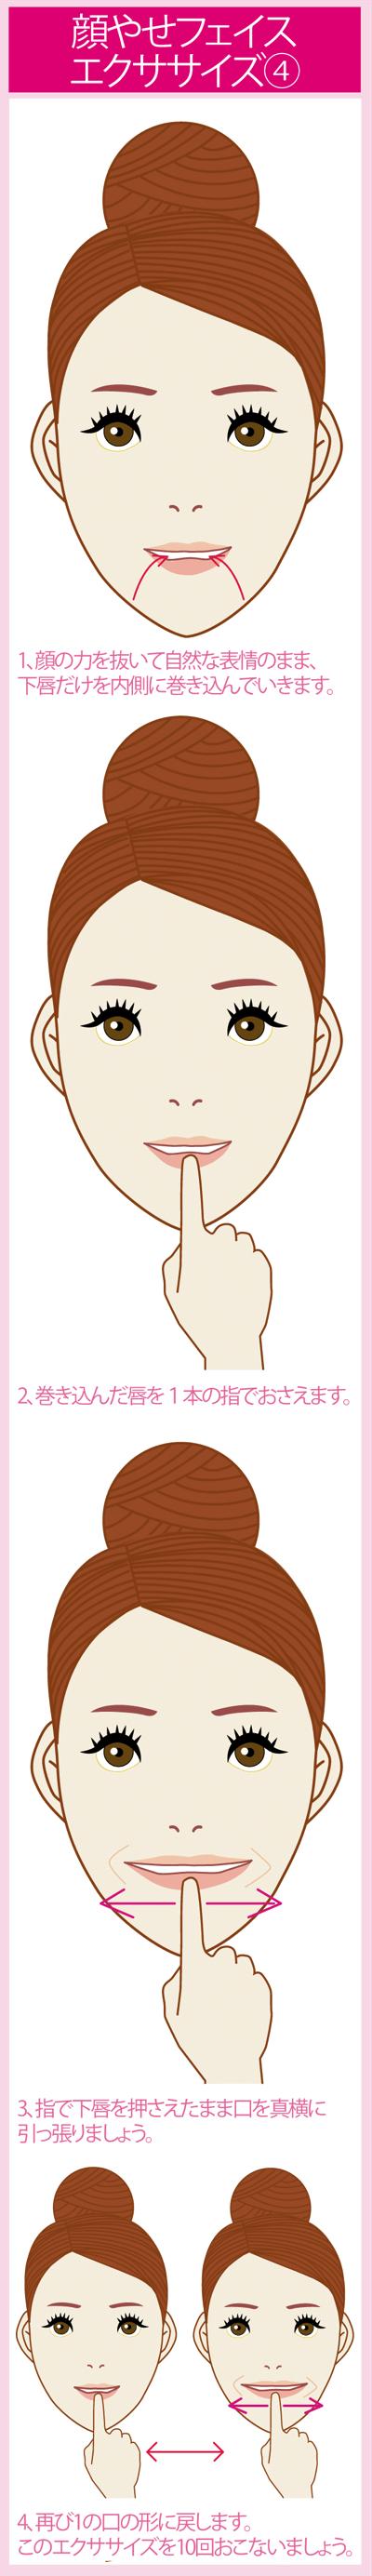 顔痩せエクササイズ5